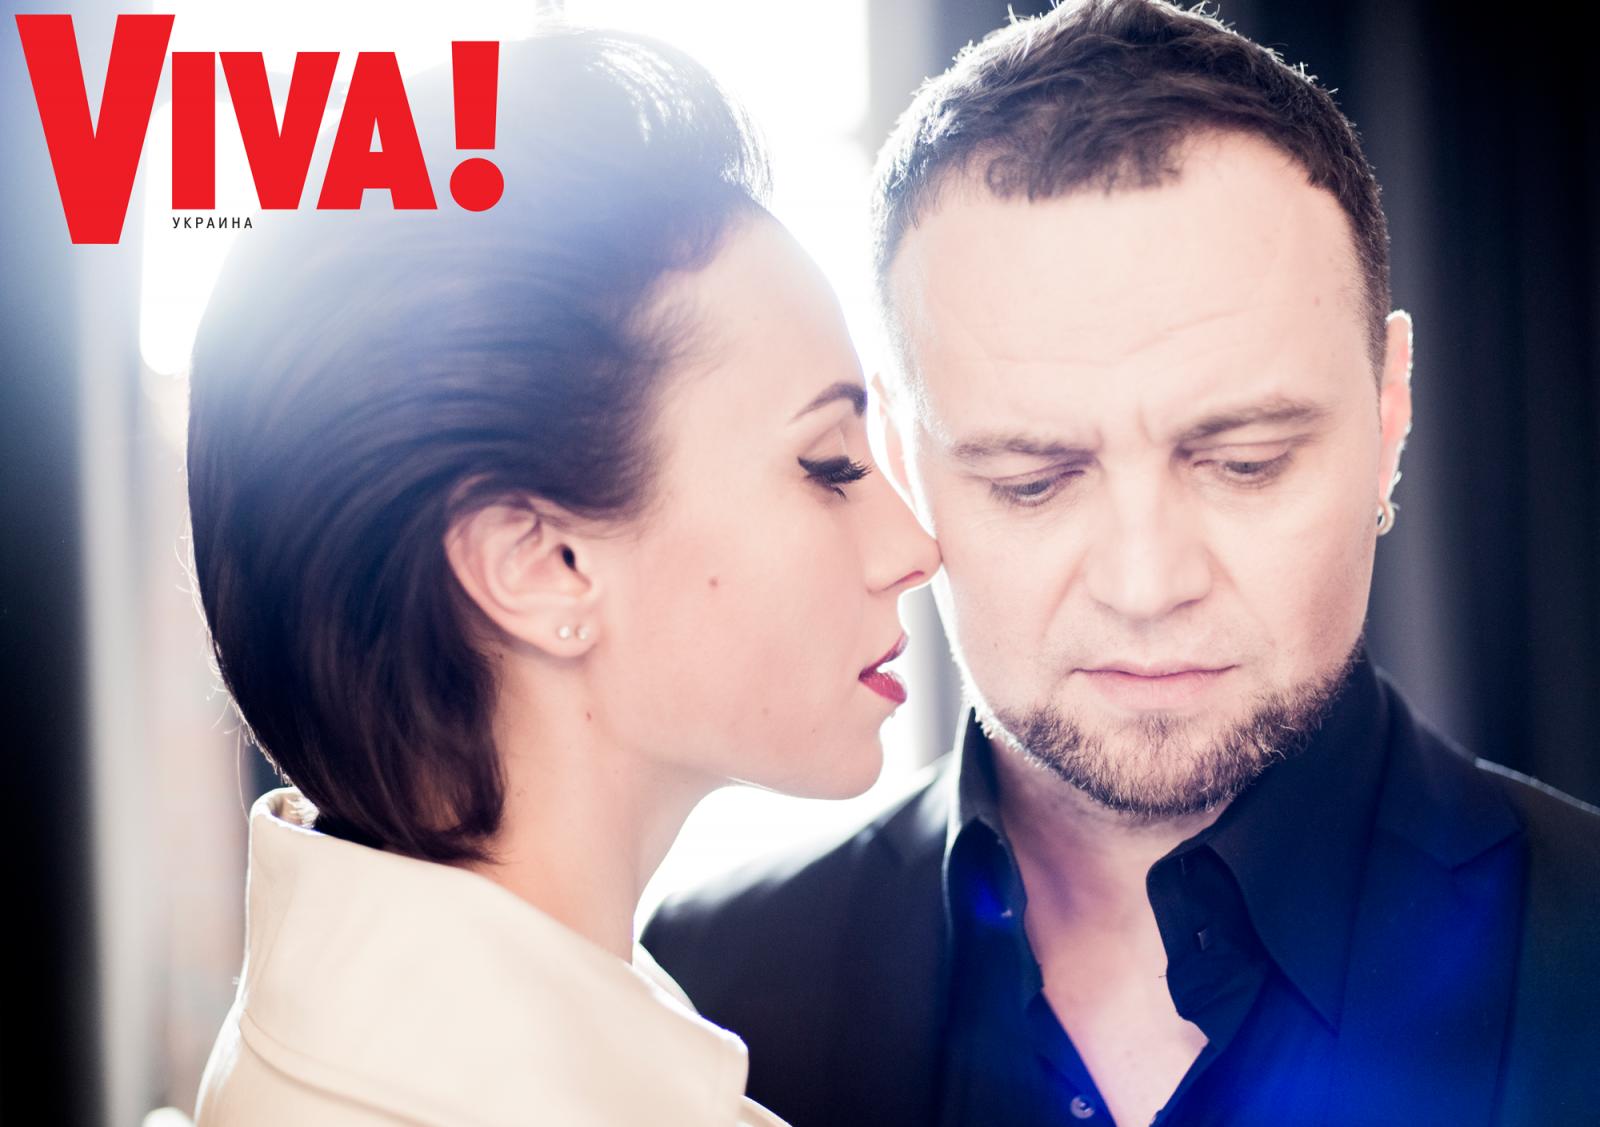 Руслан Квинта рассекретил отношения с экс-солисткой группы Nikita